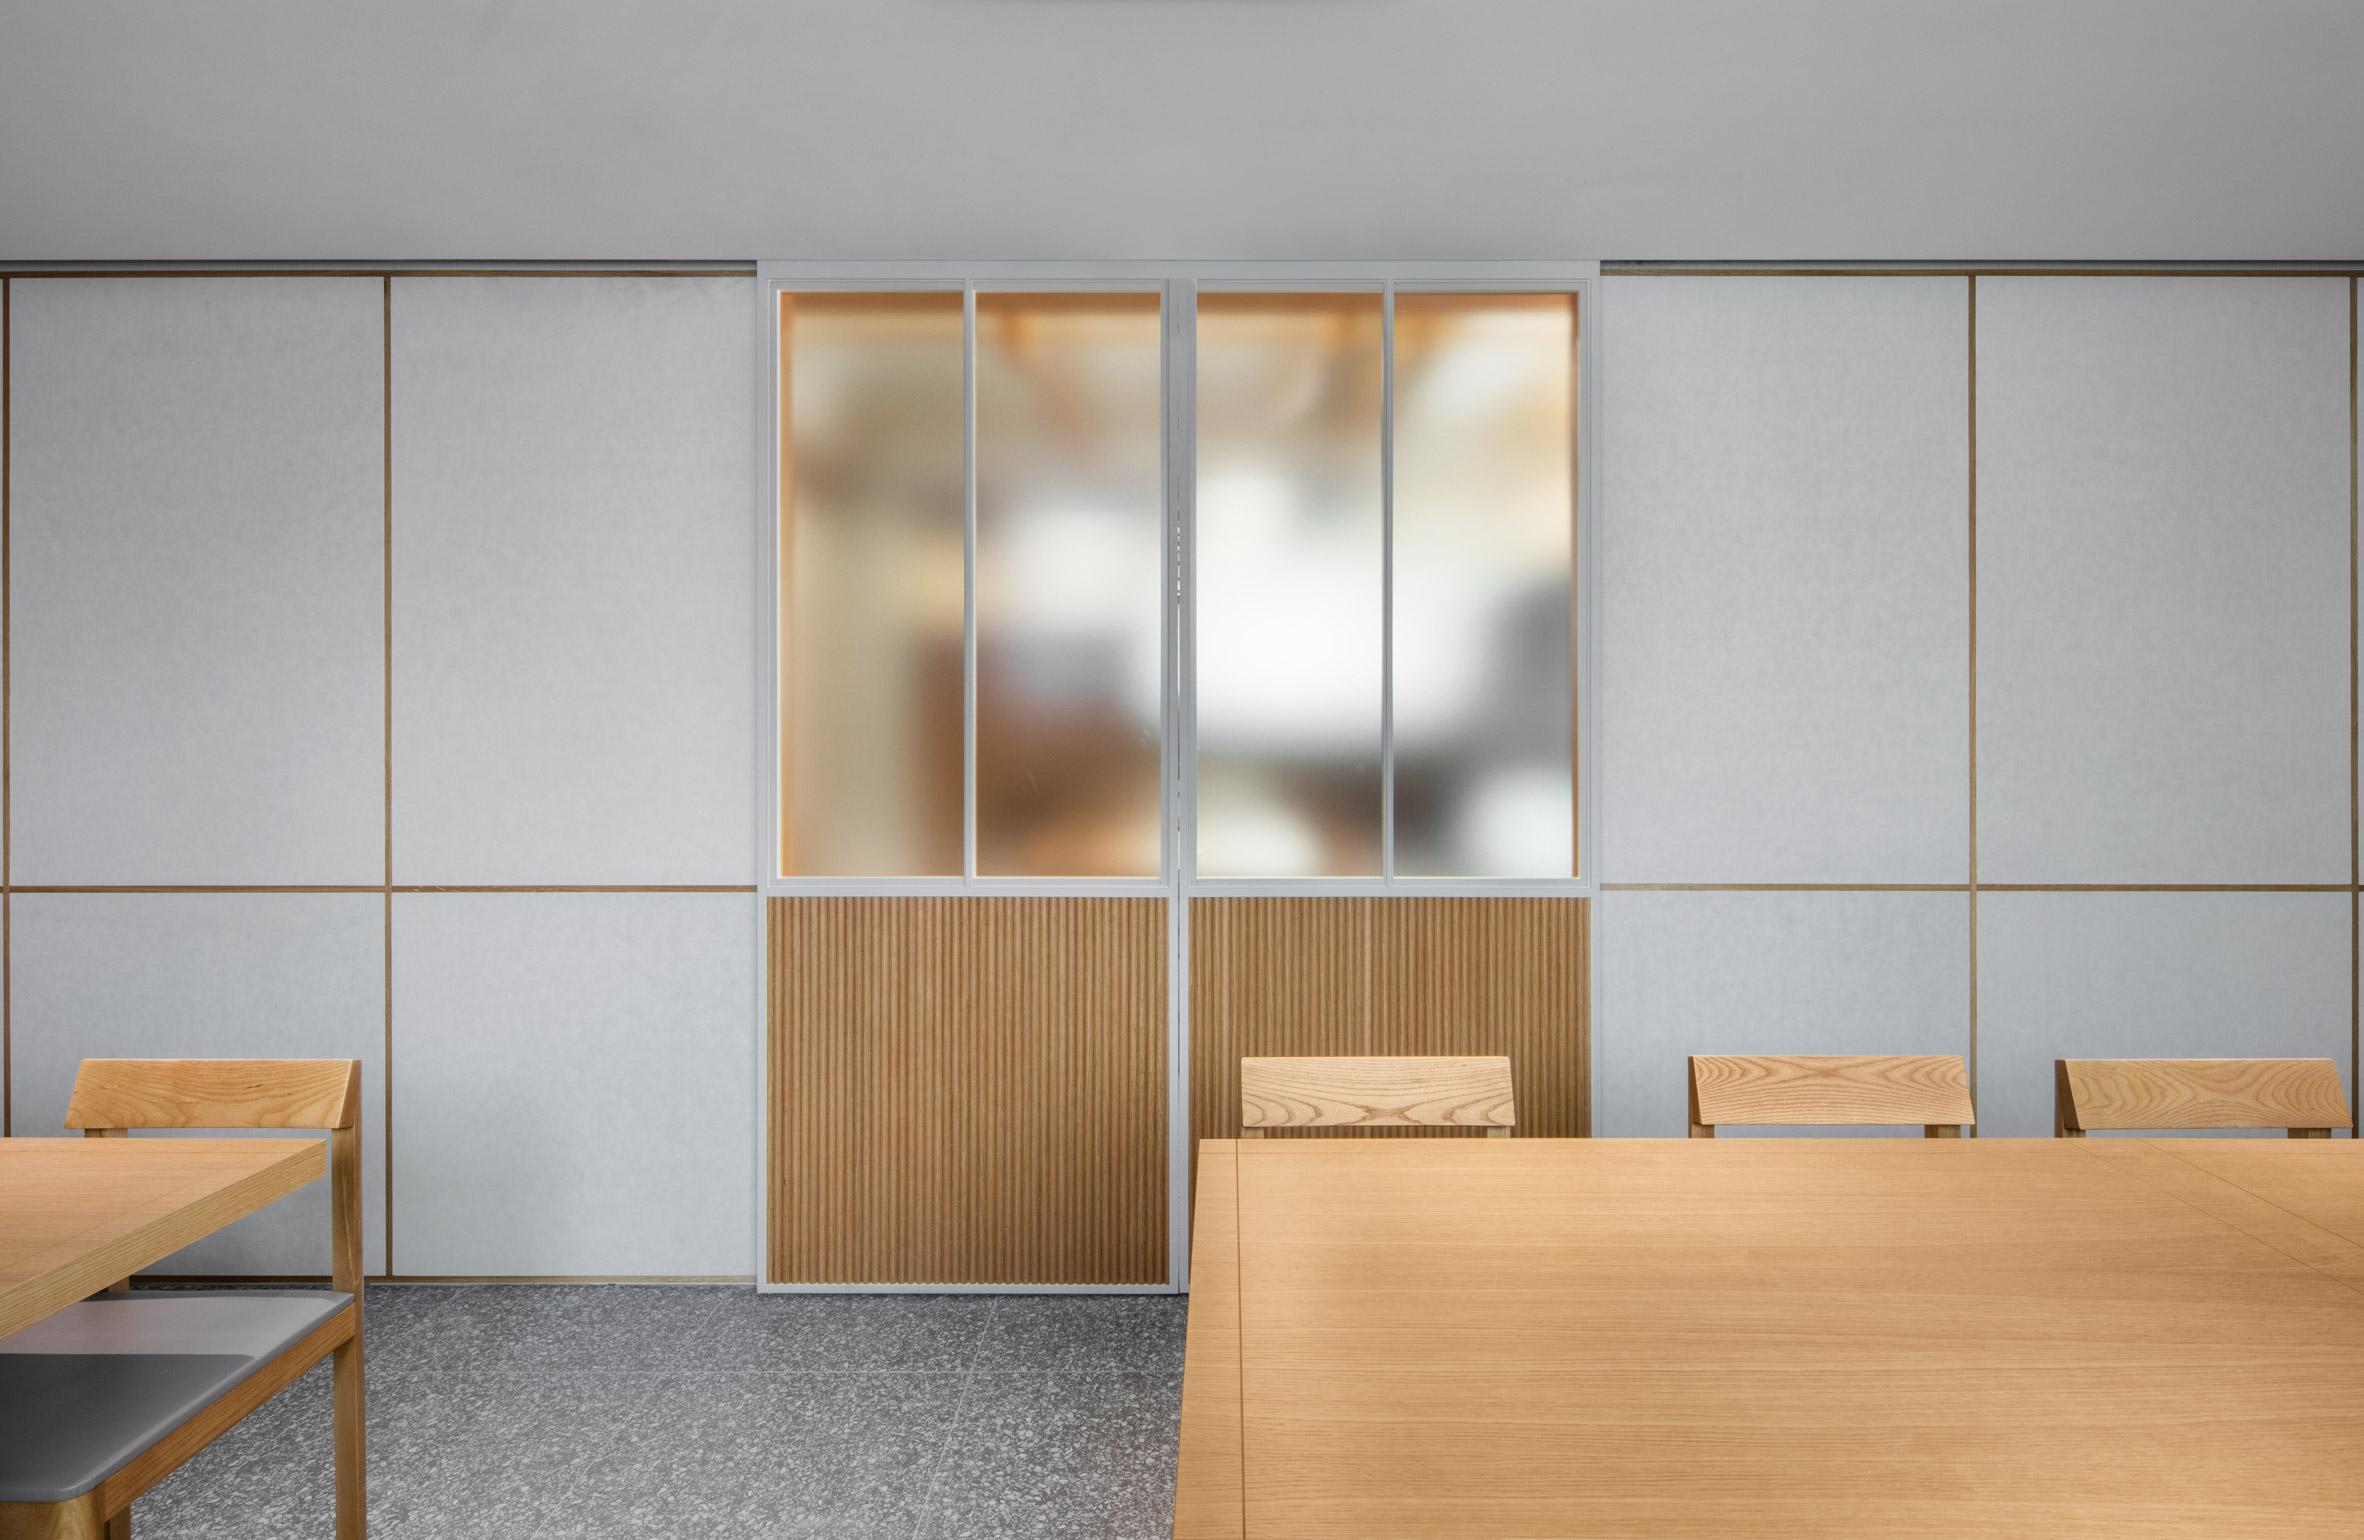 Thiết kế nội thất nhà hàng hàn quốc 3